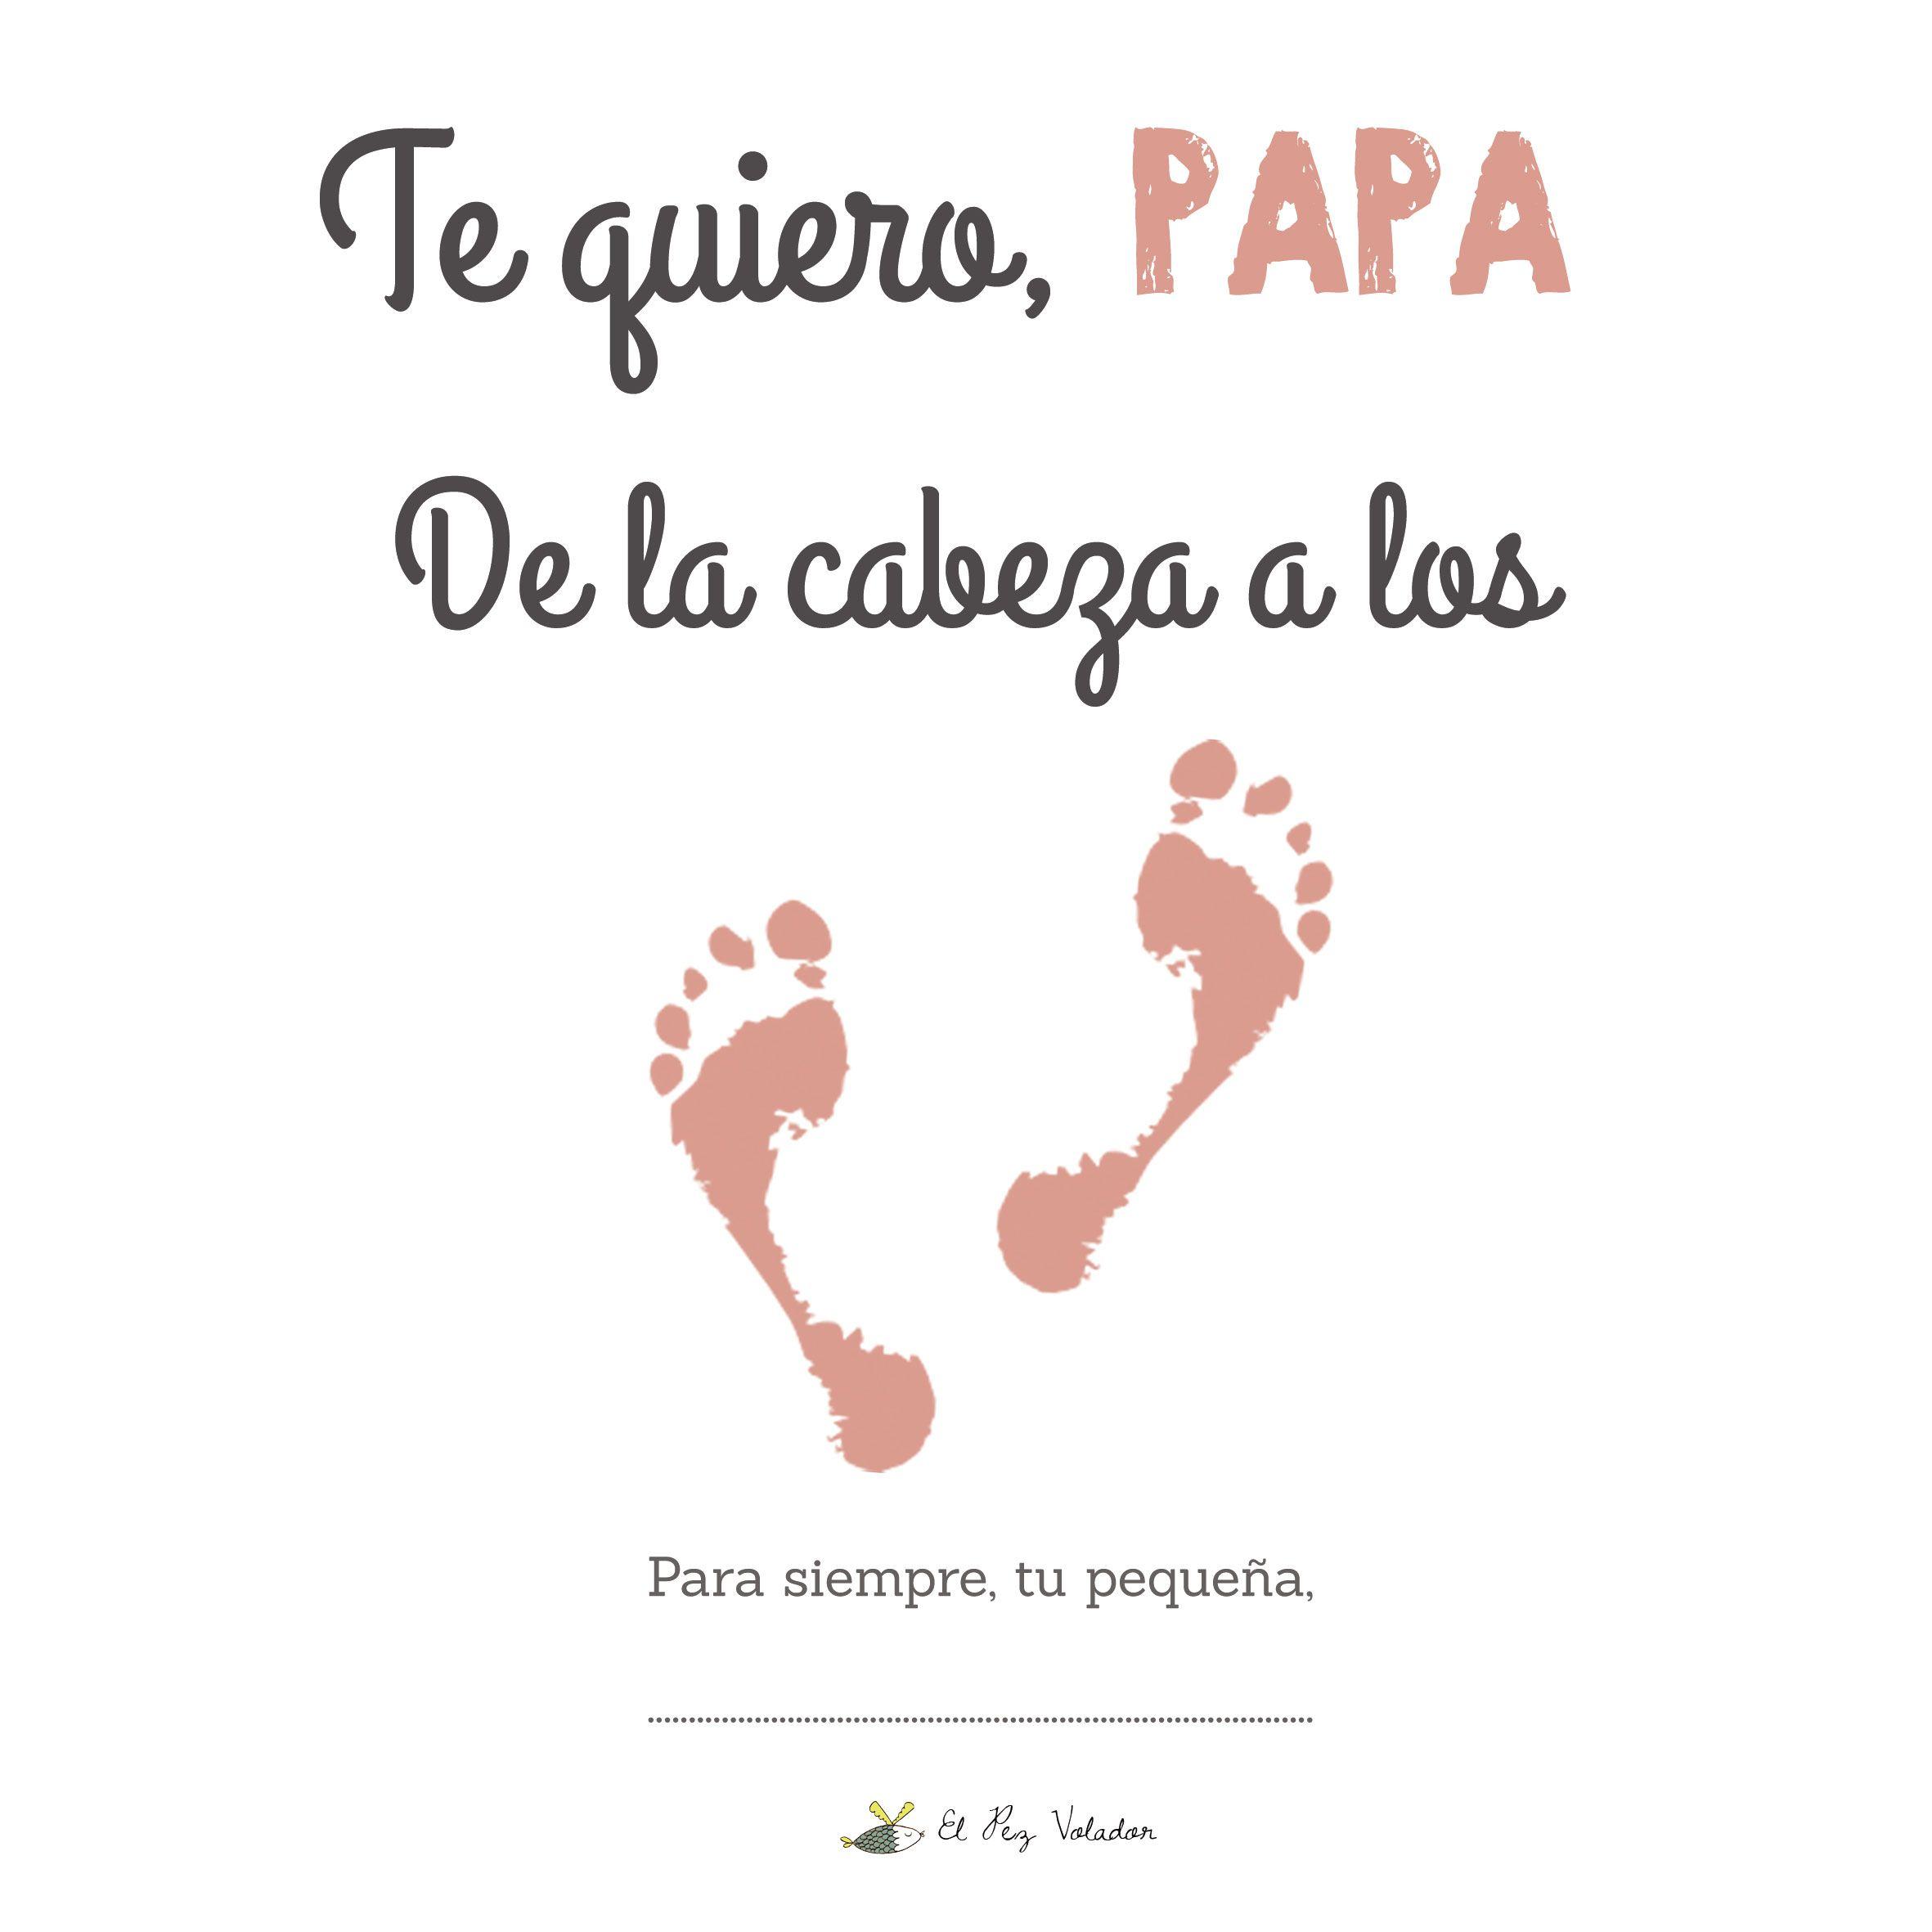 Os deseamos un feliz día del padre con estas láminas personalizables ...